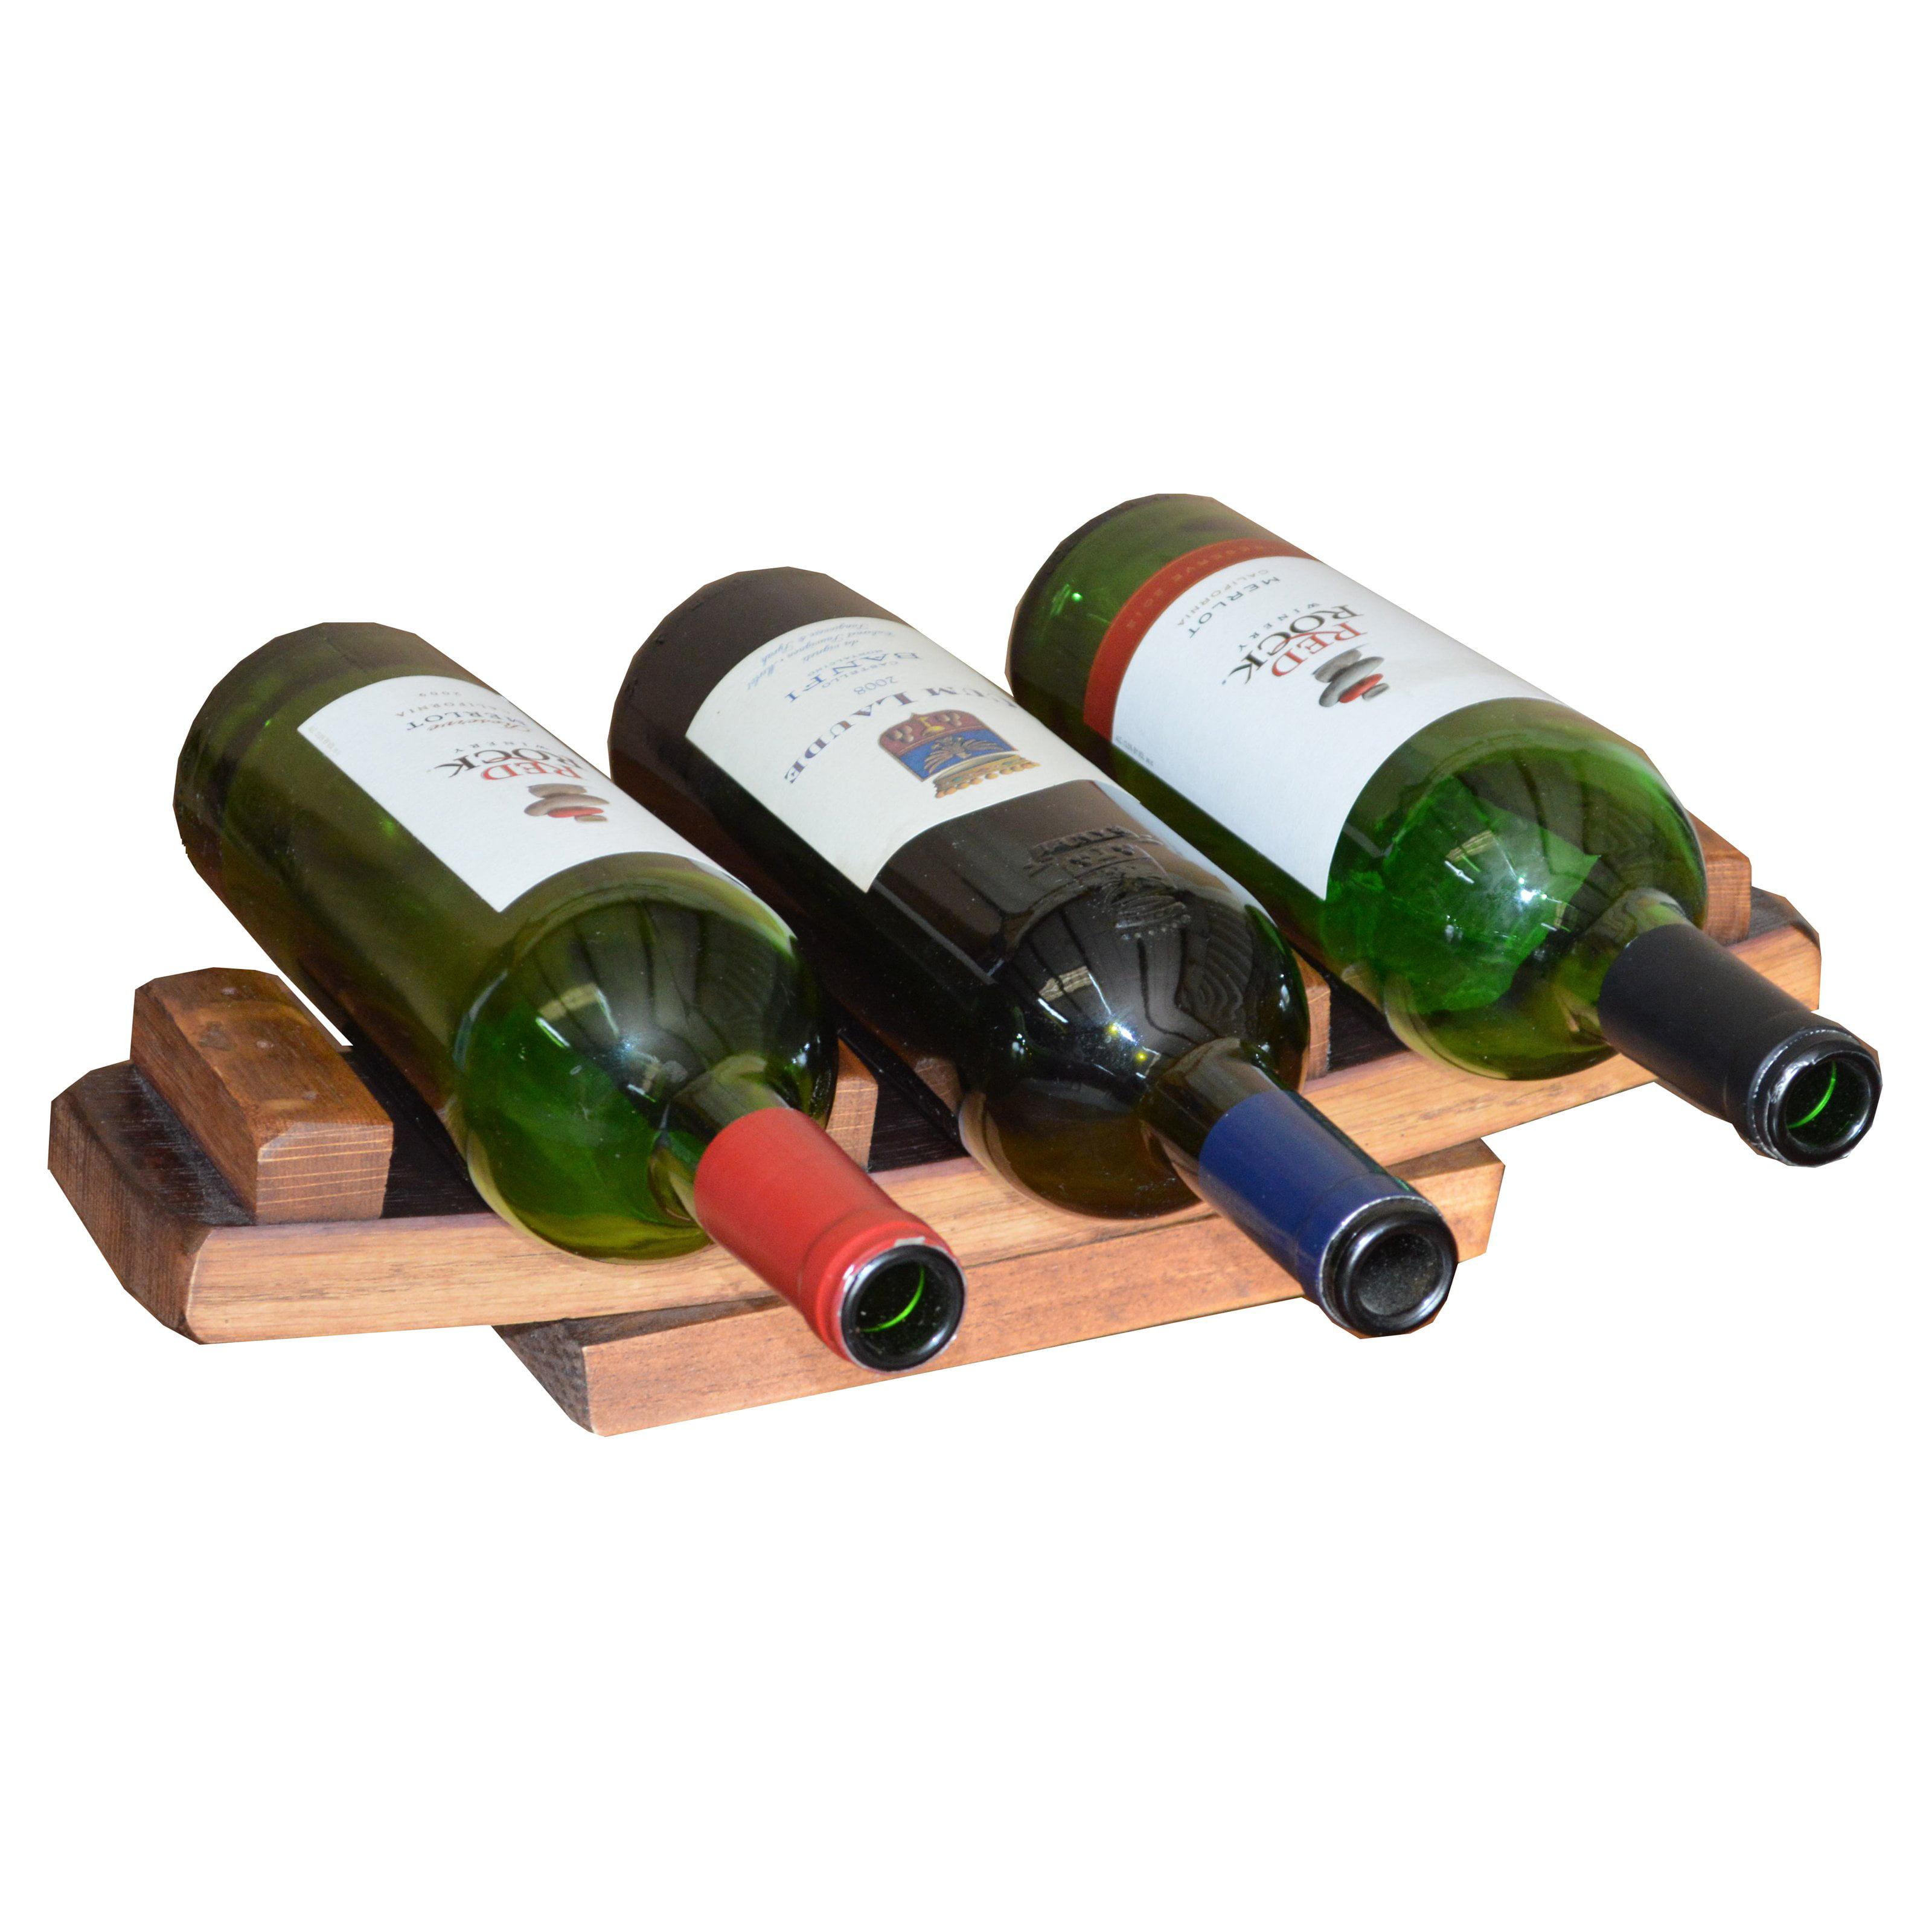 2 Day Designs 3 Bottle Stave Holder Wine Storage